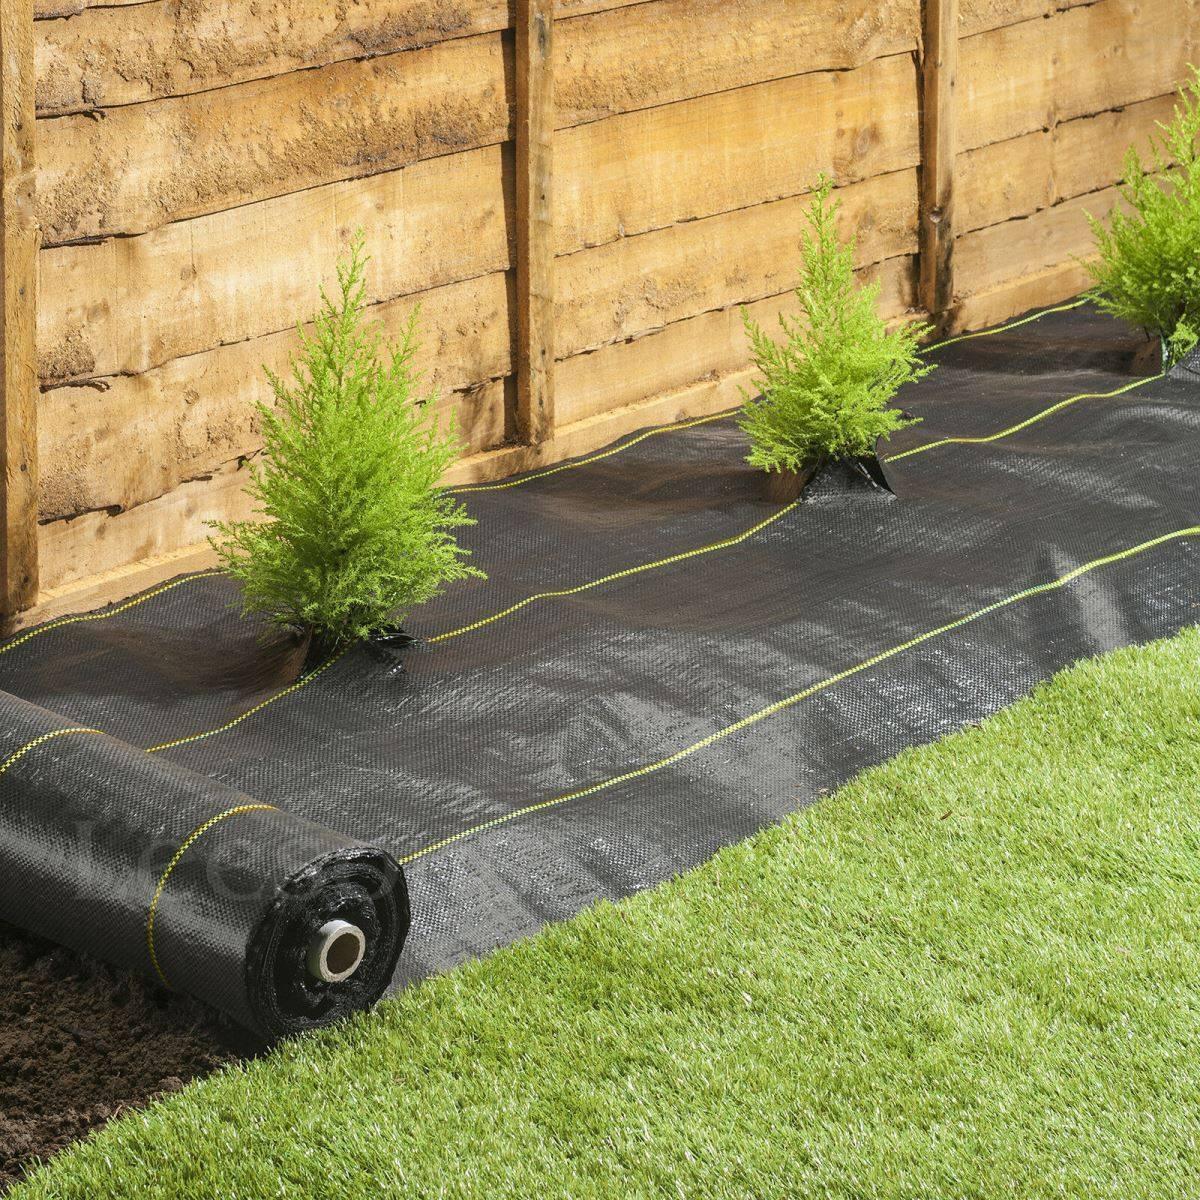 Применение геотекстиля на даче, или как защитить грядки от сорняков. применение геотекстиля на даче применение геотекстиля в садоводстве